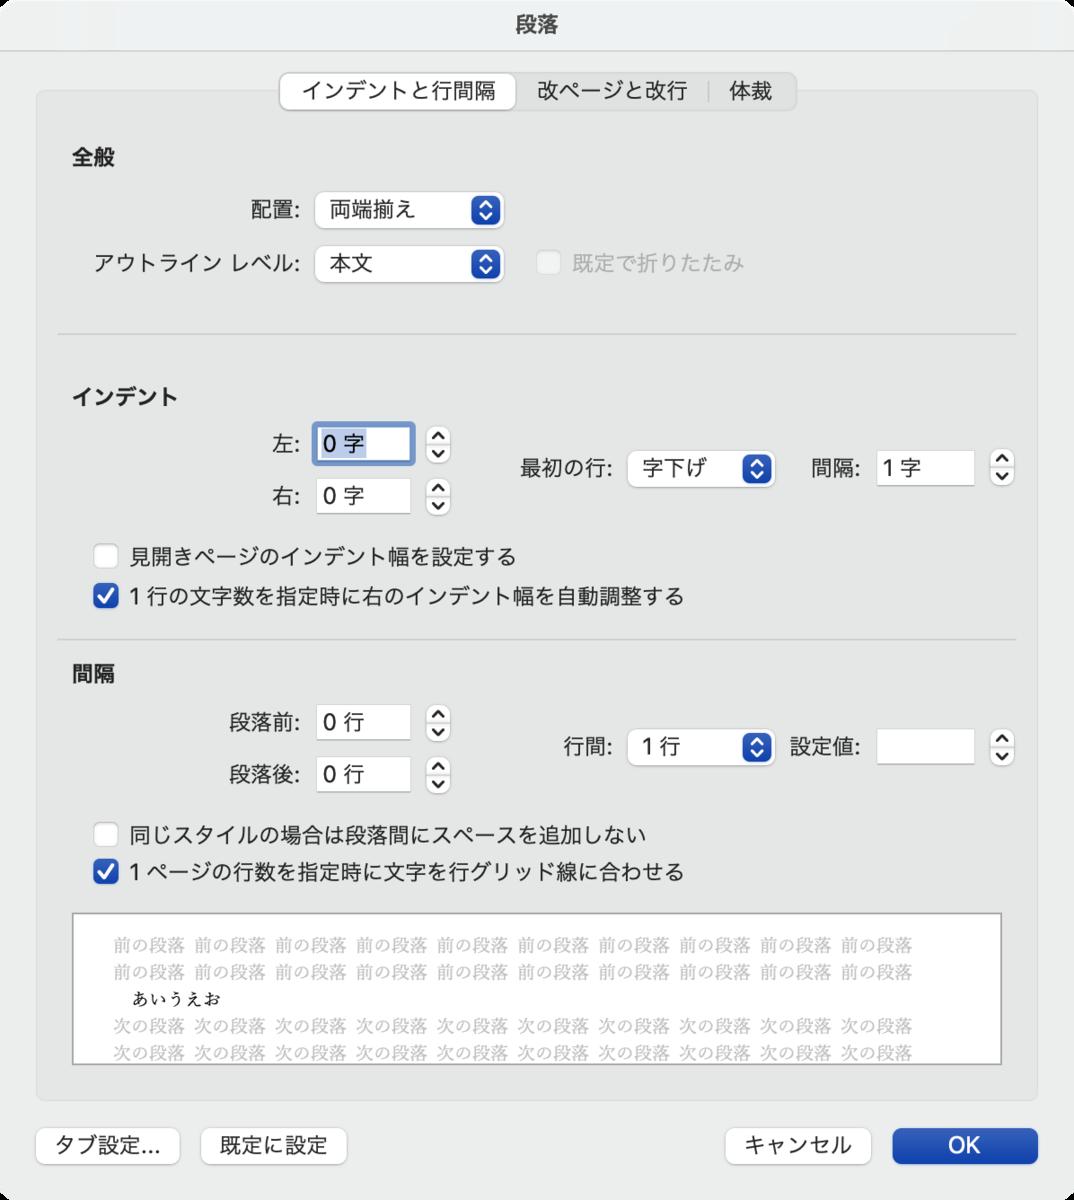 f:id:wanichan:20210606084234p:plain